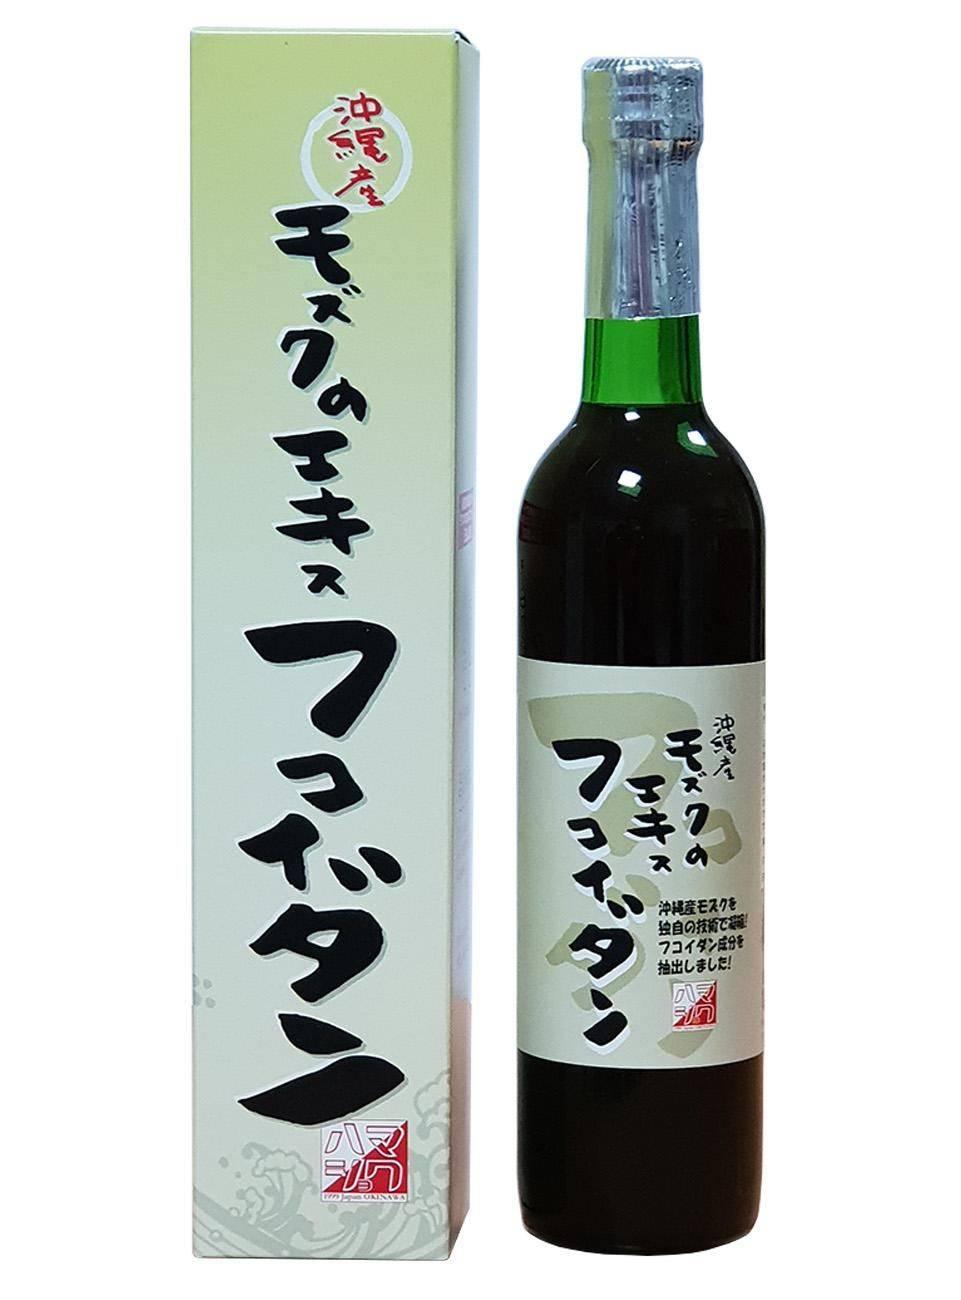 褐藻糖膠日本原裝進口,褐藻醣膠沖繩海蘊,液體好吸收 (500ML)